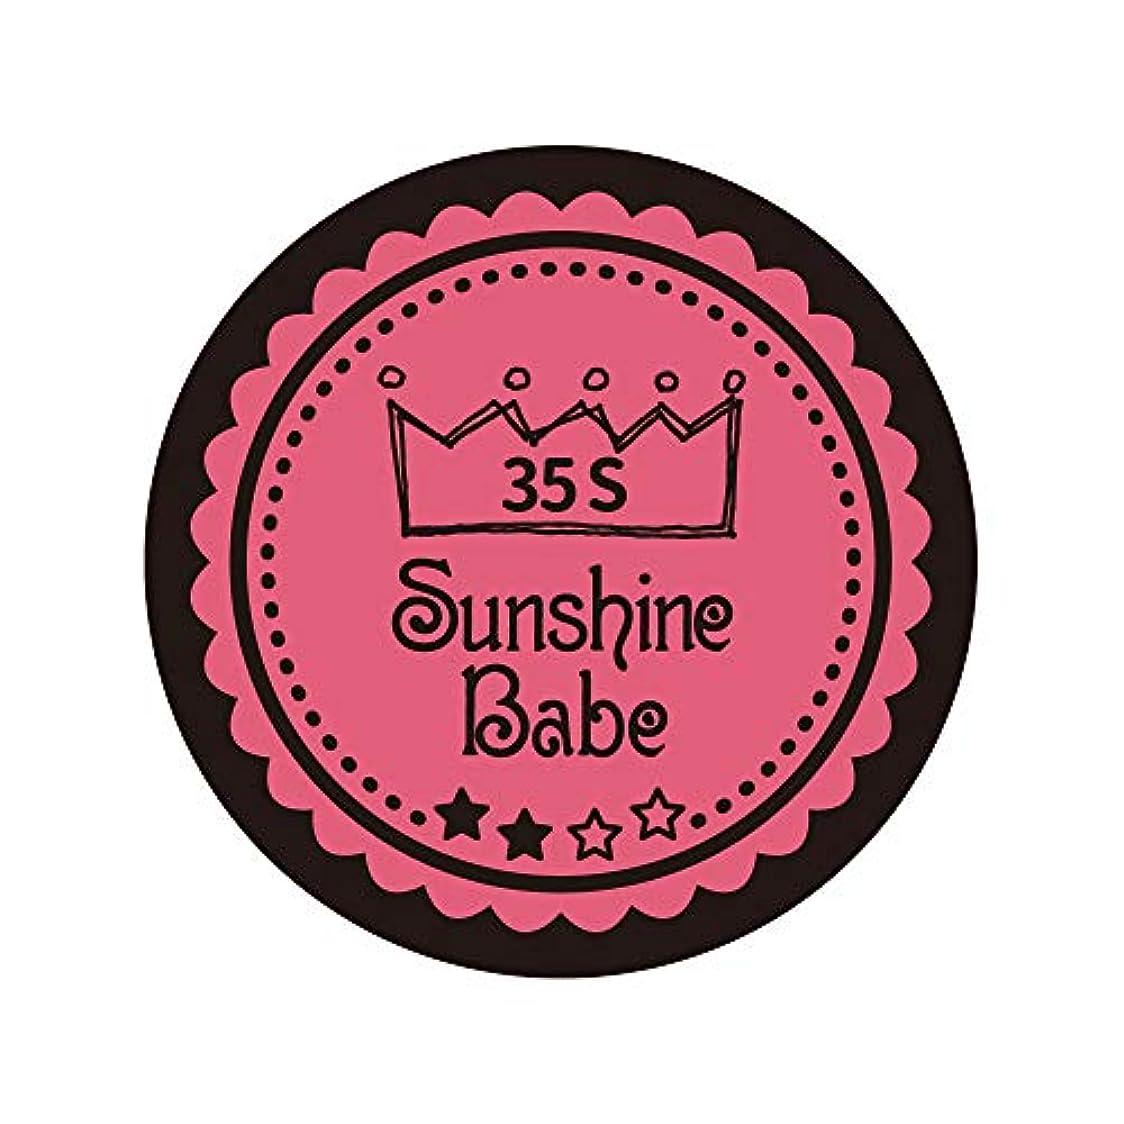 硬さ方法論献身Sunshine Babe カラージェル 35S ローズピンク 2.7g UV/LED対応